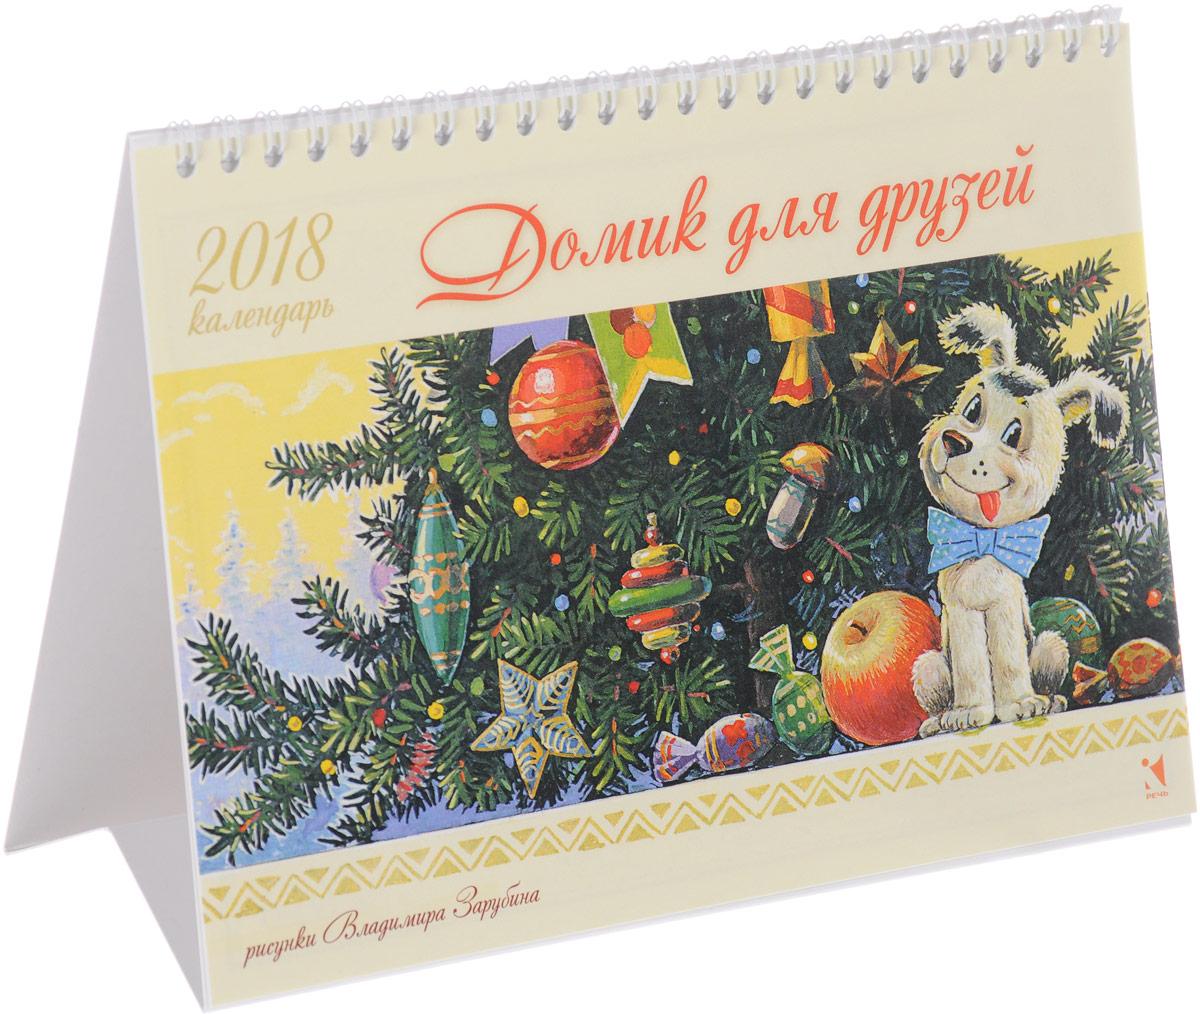 Календарь 2018 (на спирали). Домик для друзей календарь настольный 2017 на спирали москва moscow